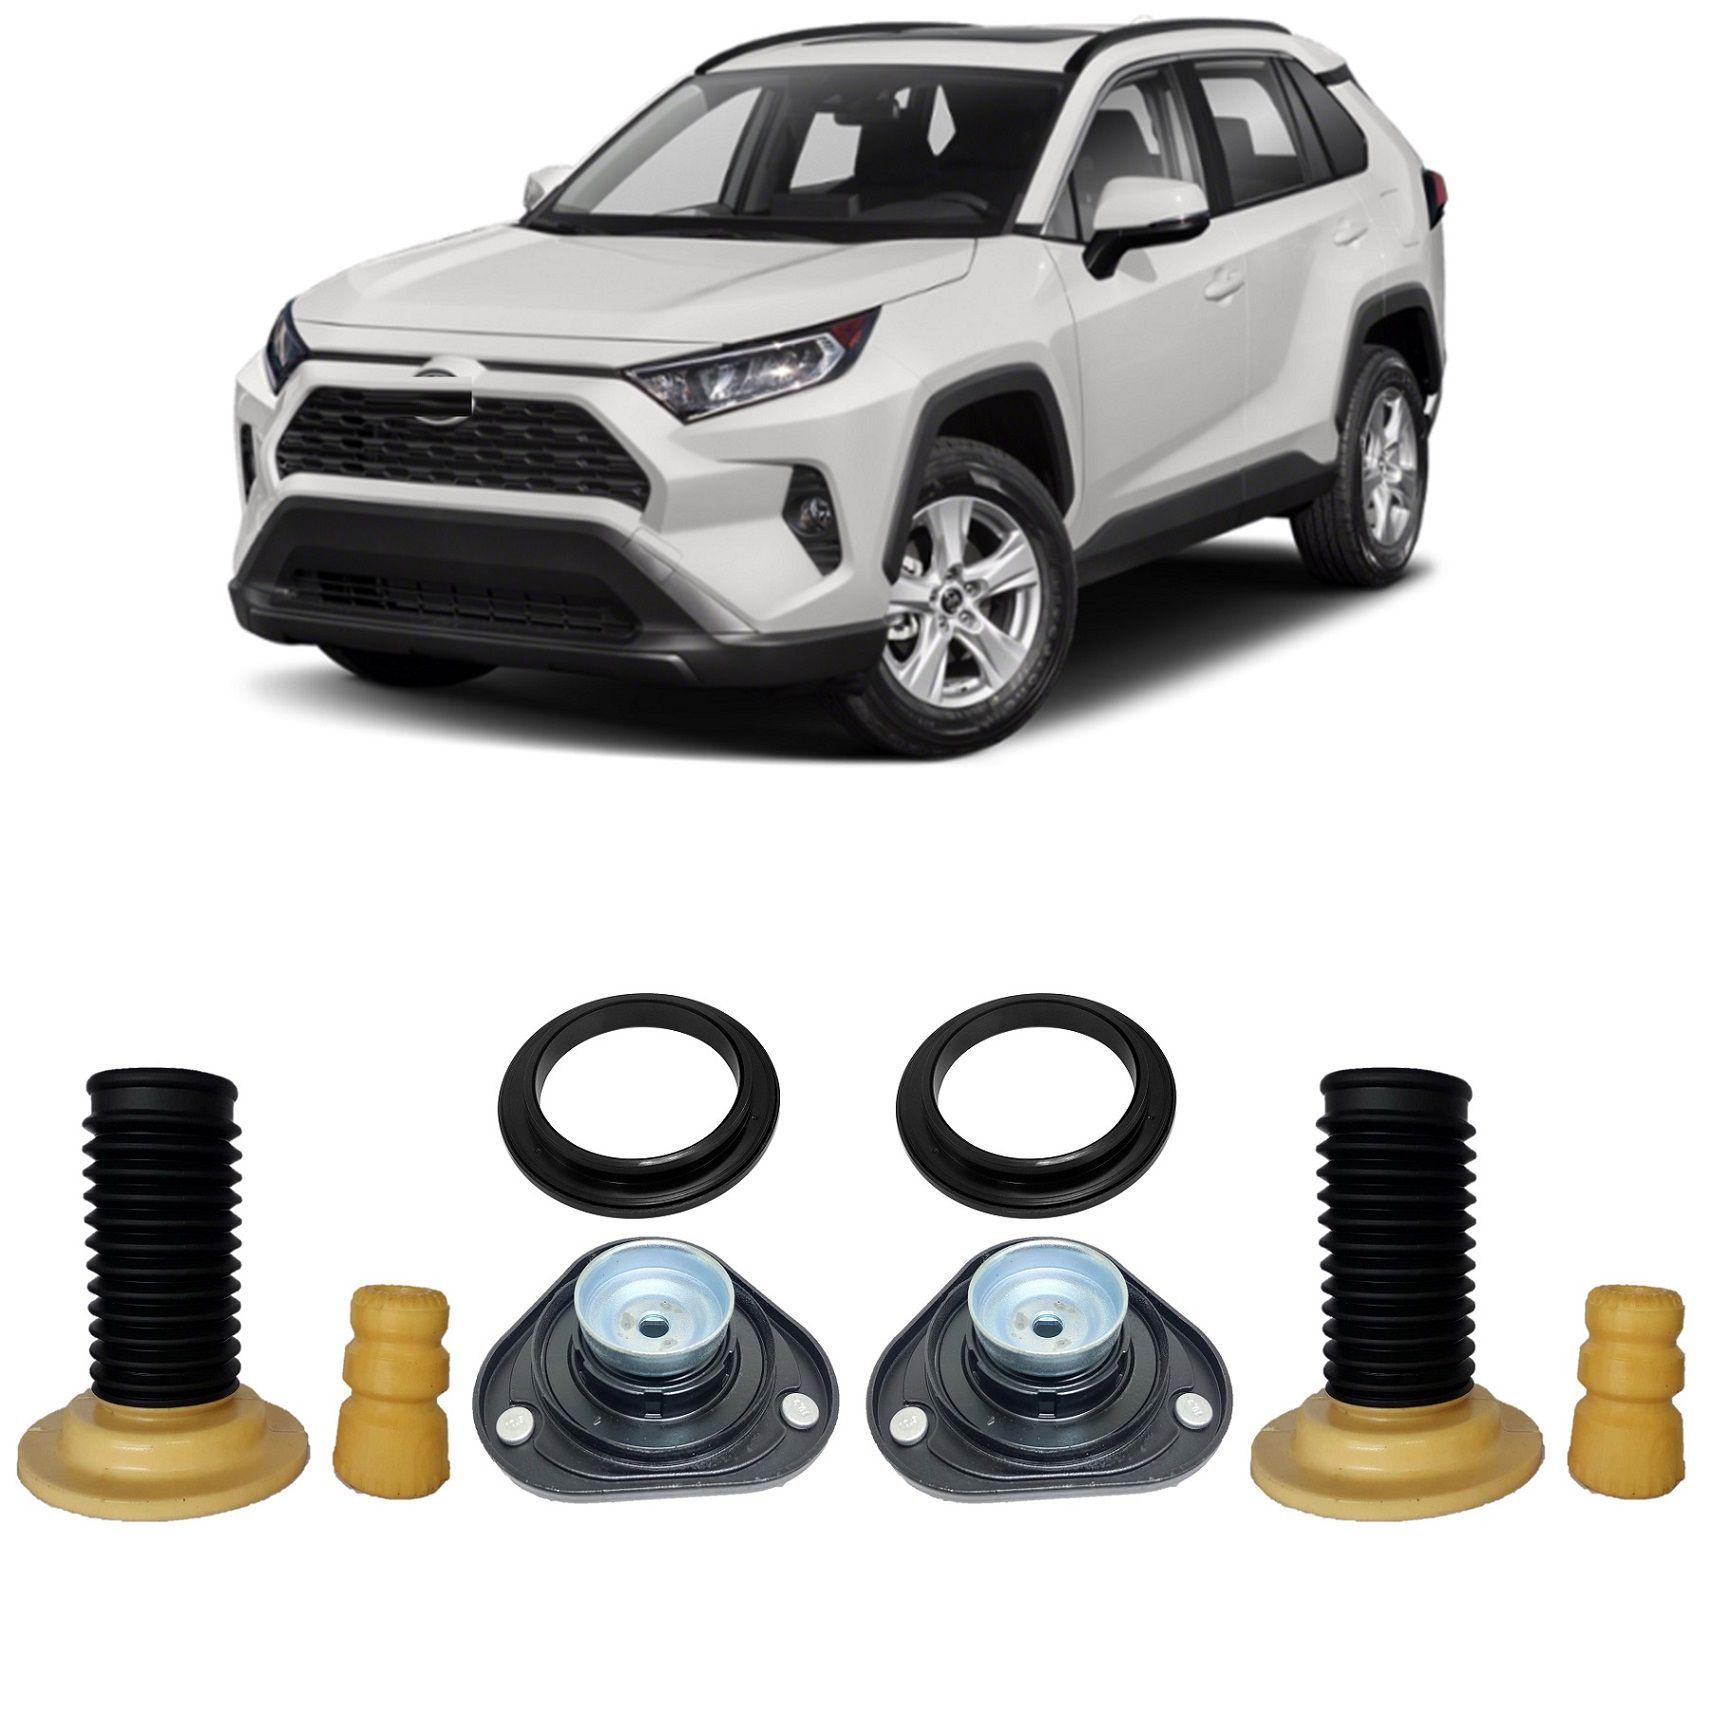 Kit Par Coifa Batente Coxim Amortecedor Amortecedor Dianteiro Toyota Rav4 2012 2013 2014 2015 2016 2017 2018